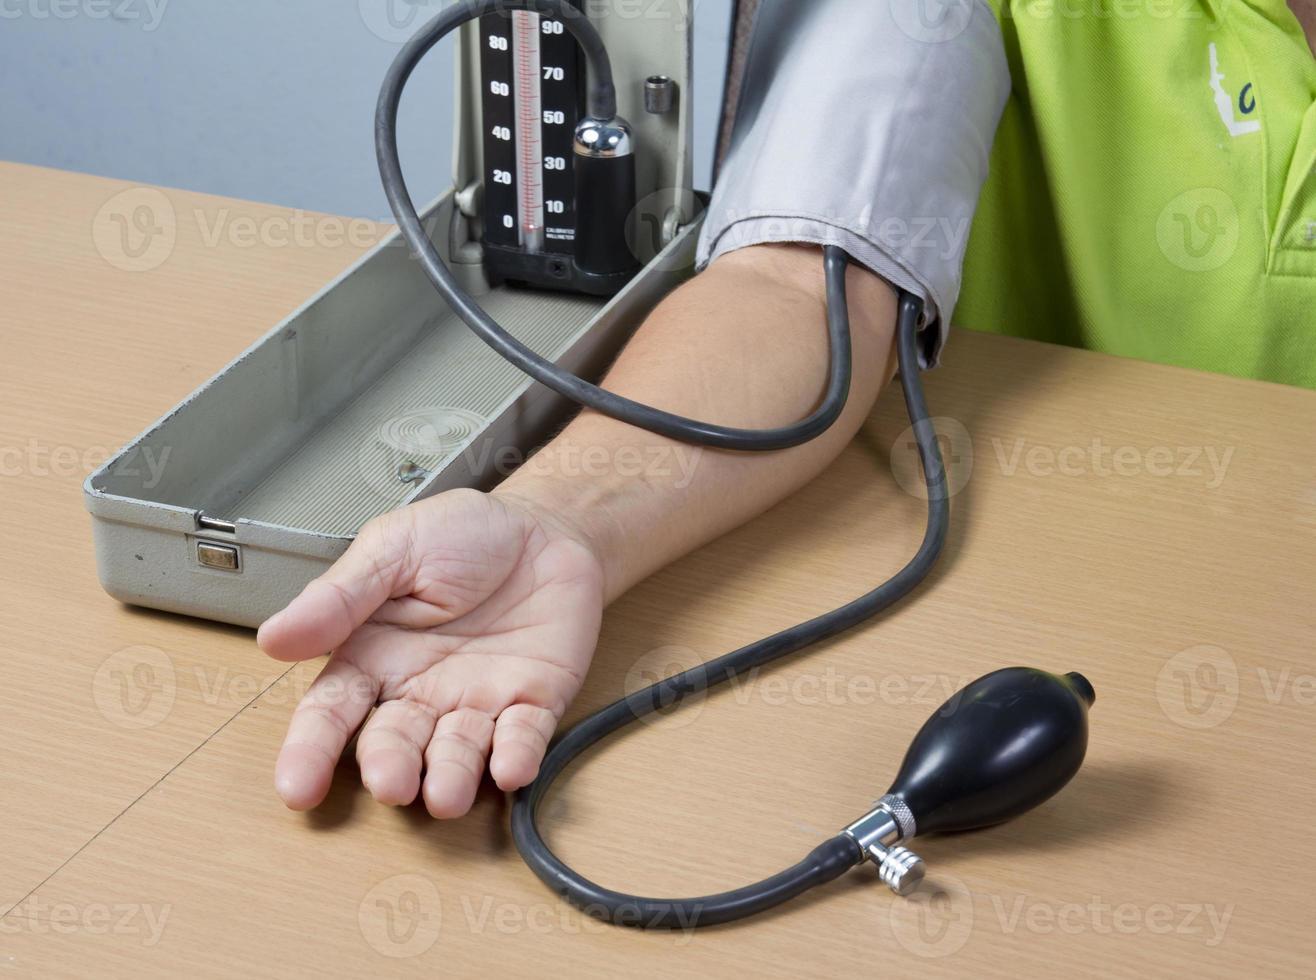 vérifier la pression artérielle d'un patient photo